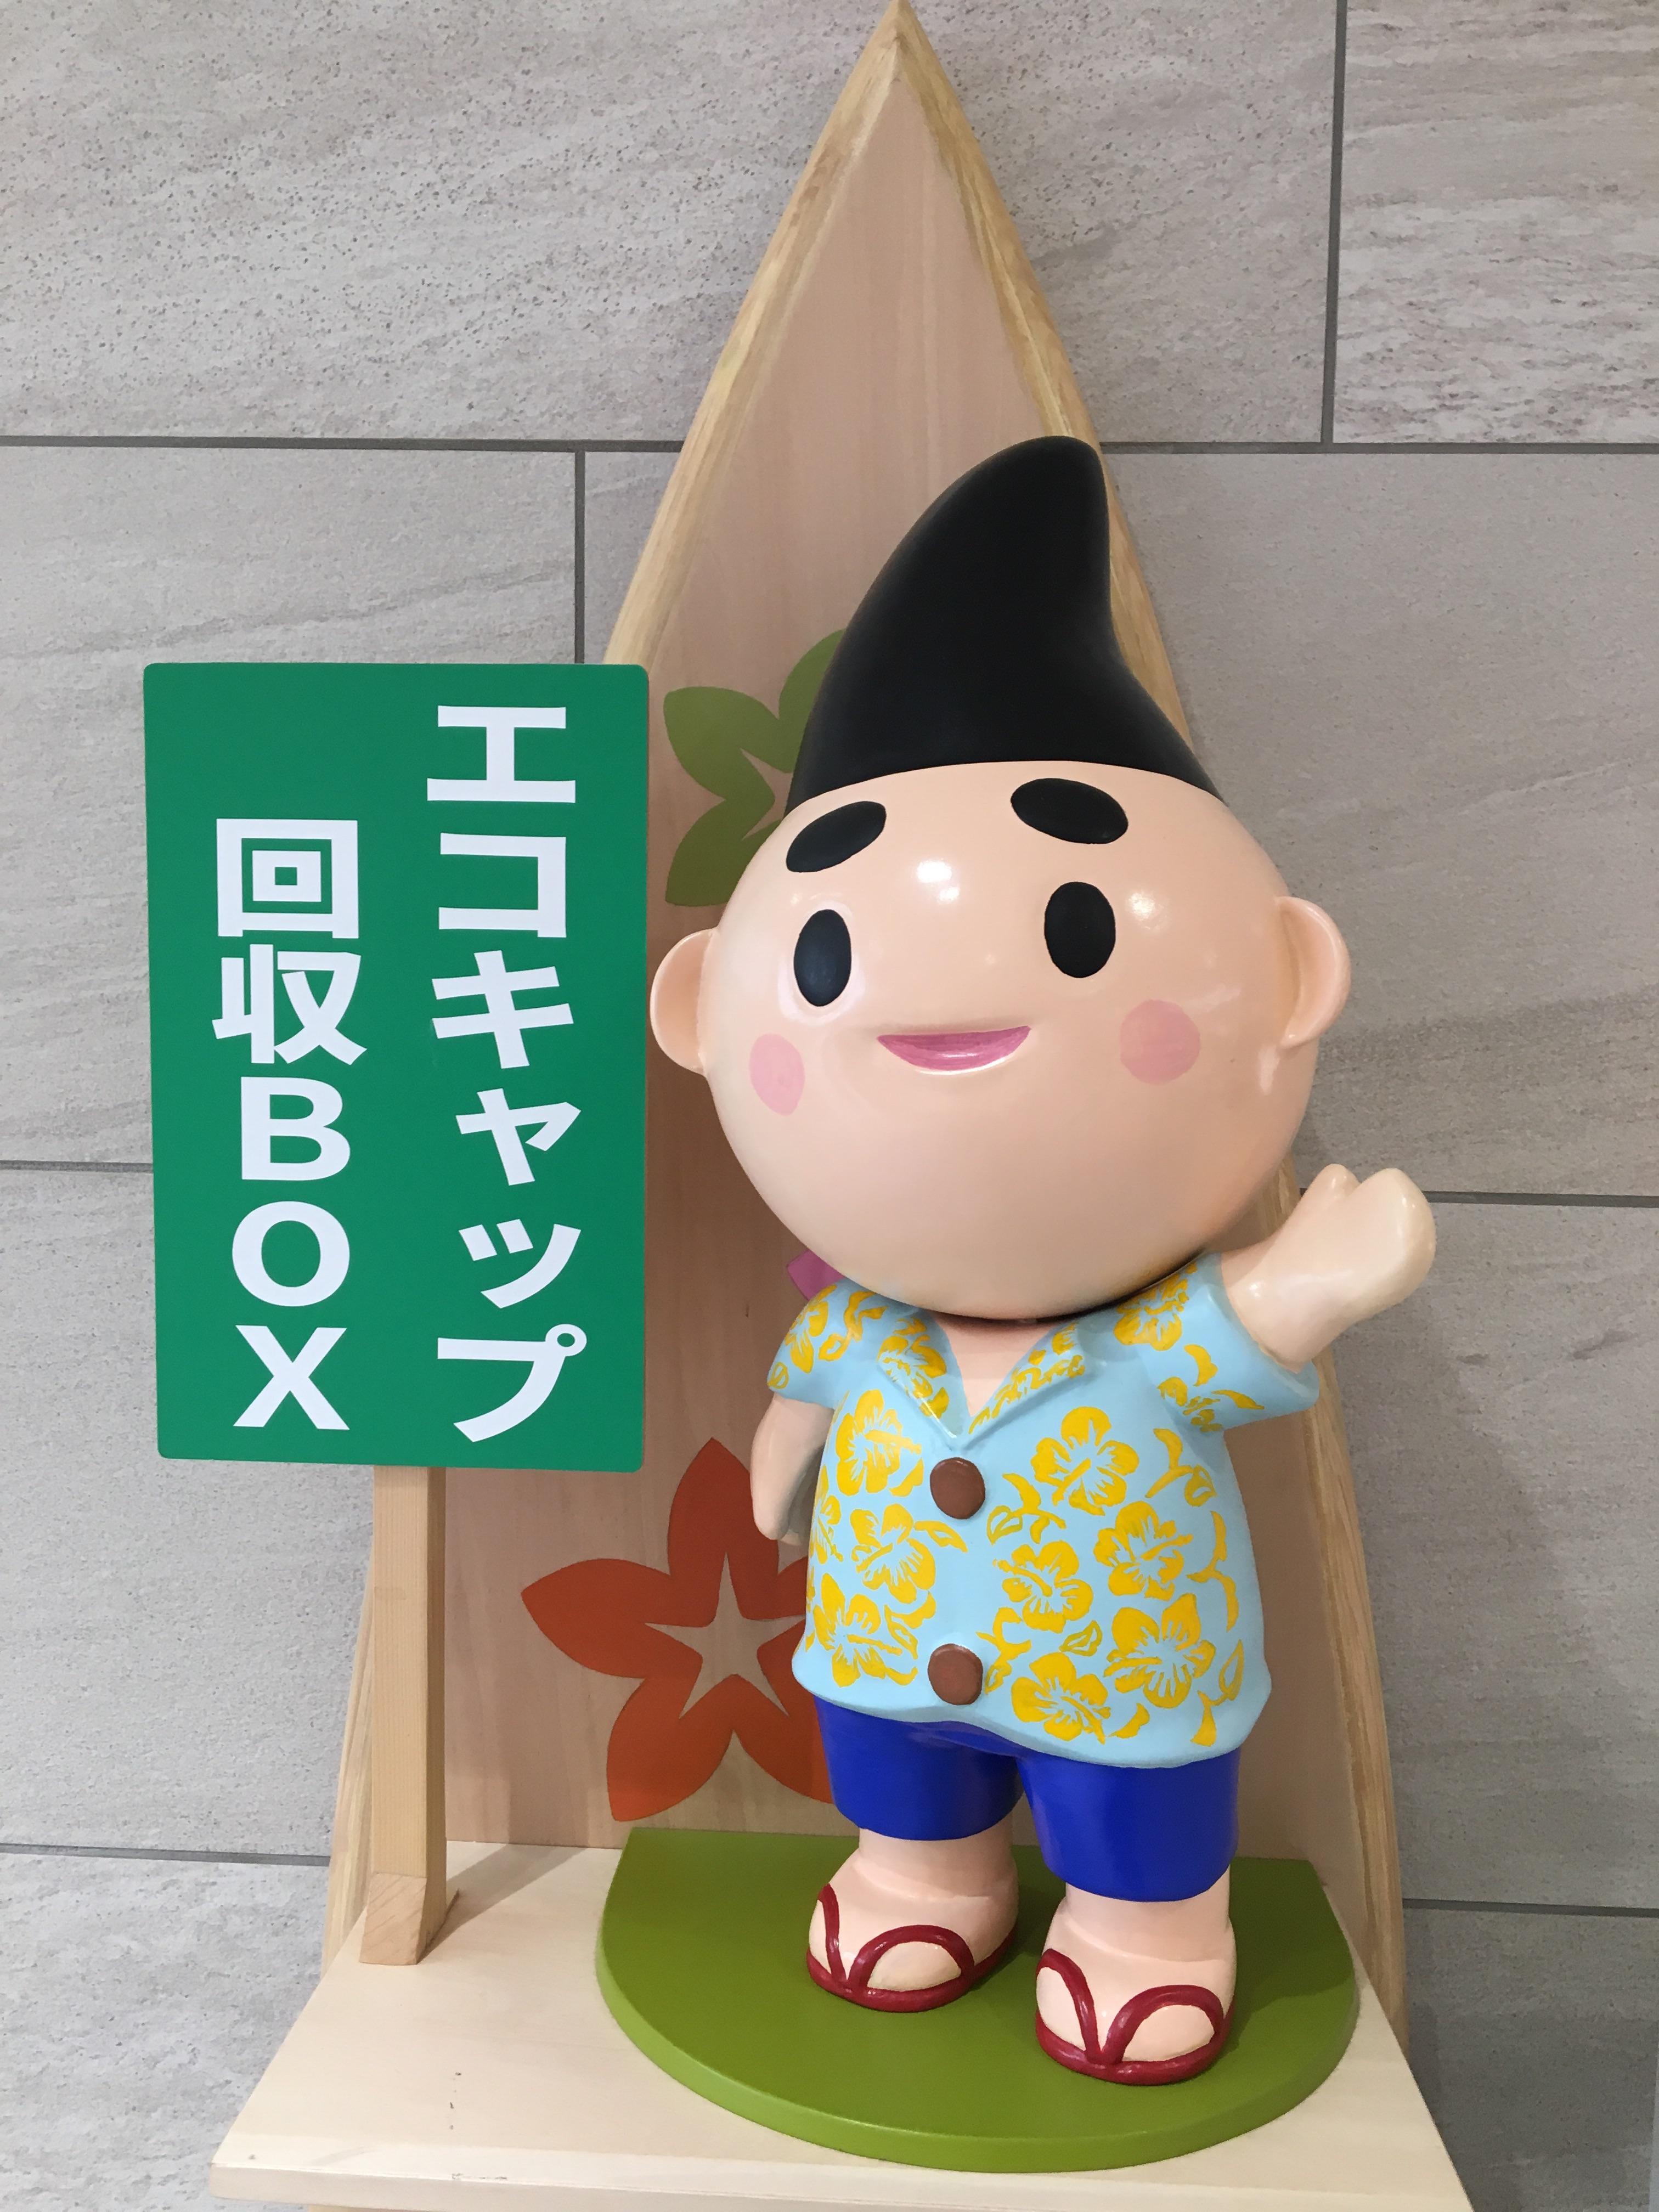 f:id:kaminashiko:20180716171704j:plain